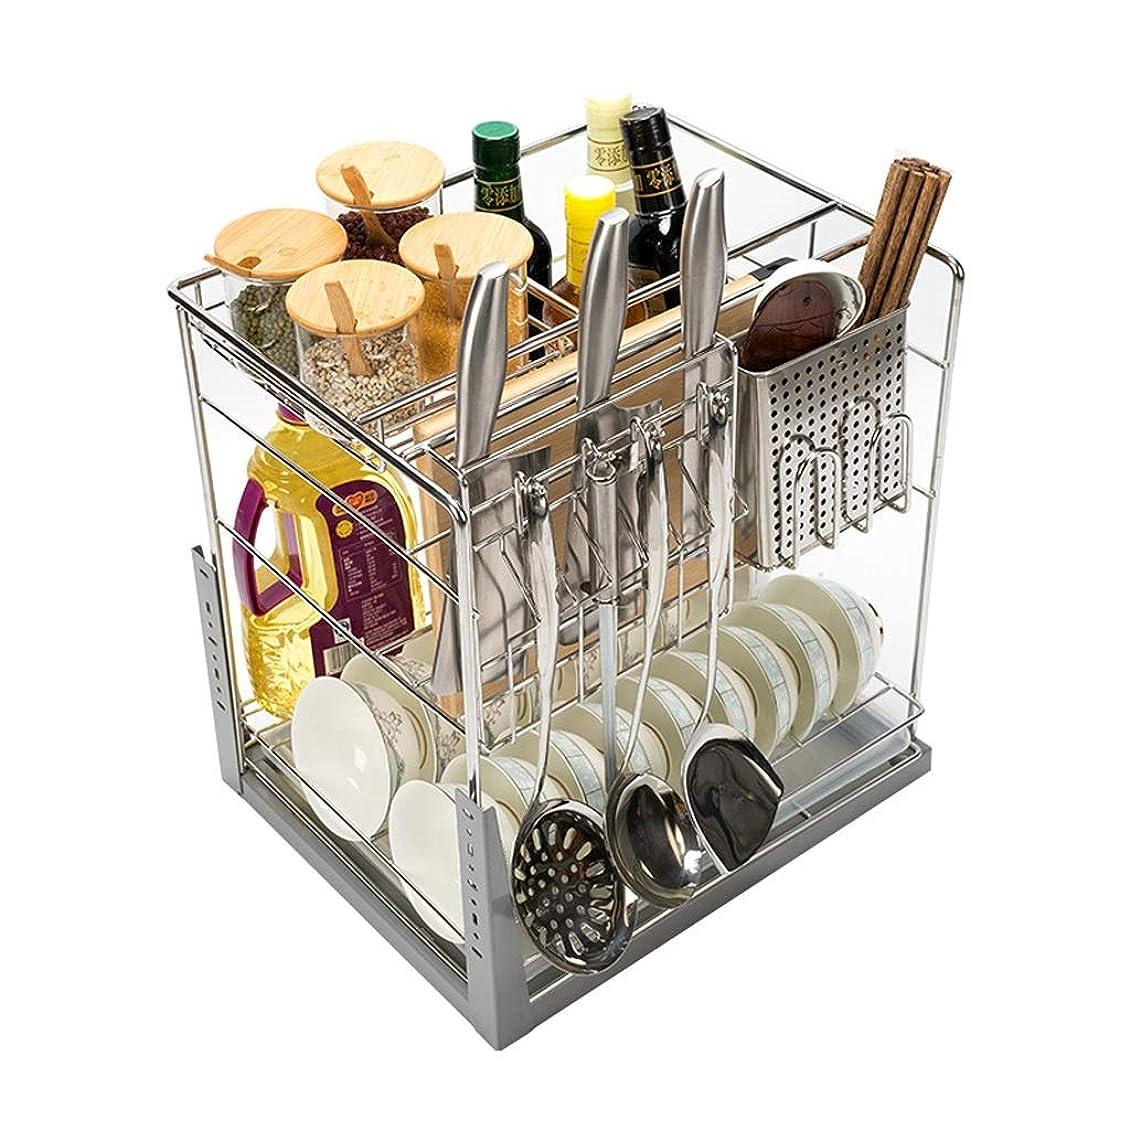 滴下販売員並外れた引き出し収納キャビネットオーガナイザー ステンレススチール引き出しタイプ キッチンキャビネット 調味料ラックシェルフ 450 cabinet